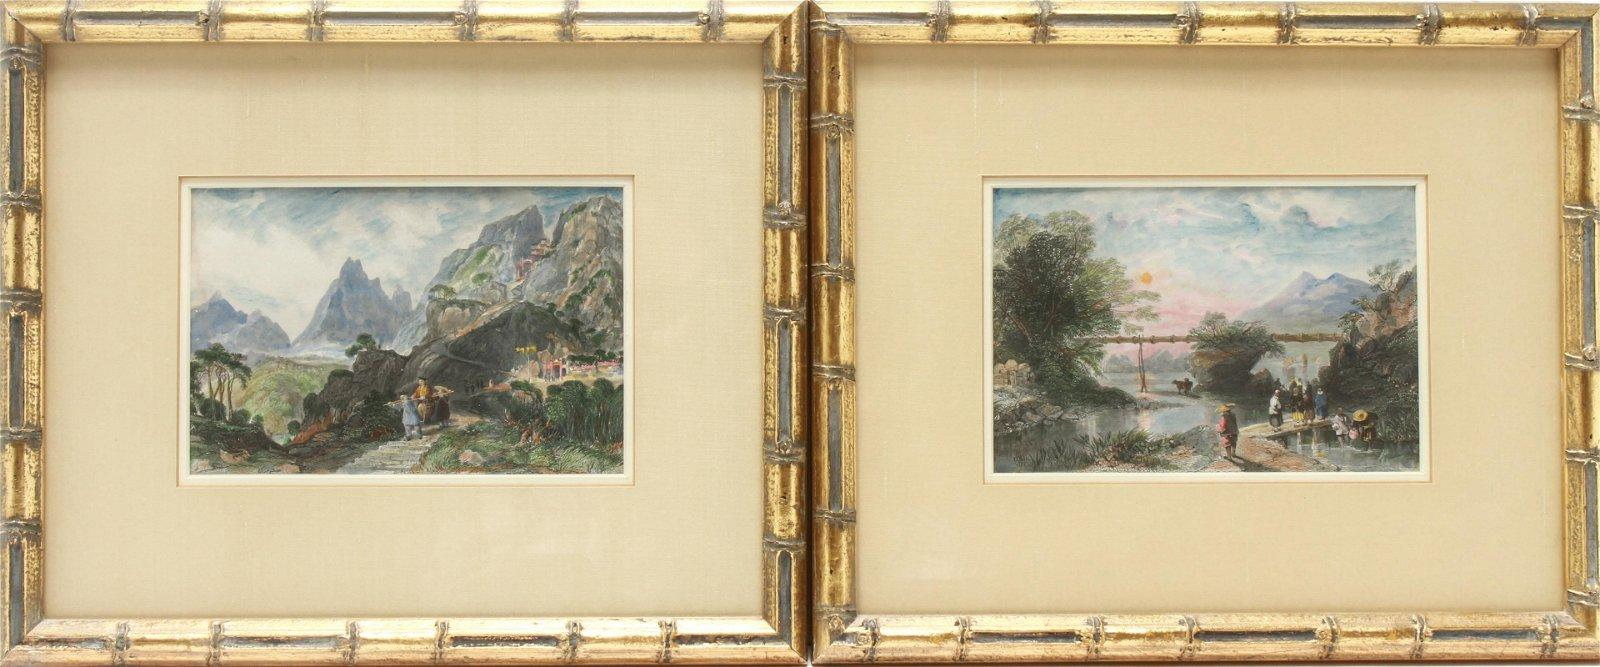 """Thomas Allom """"China"""" 19th C. Colored Engravings, 2"""